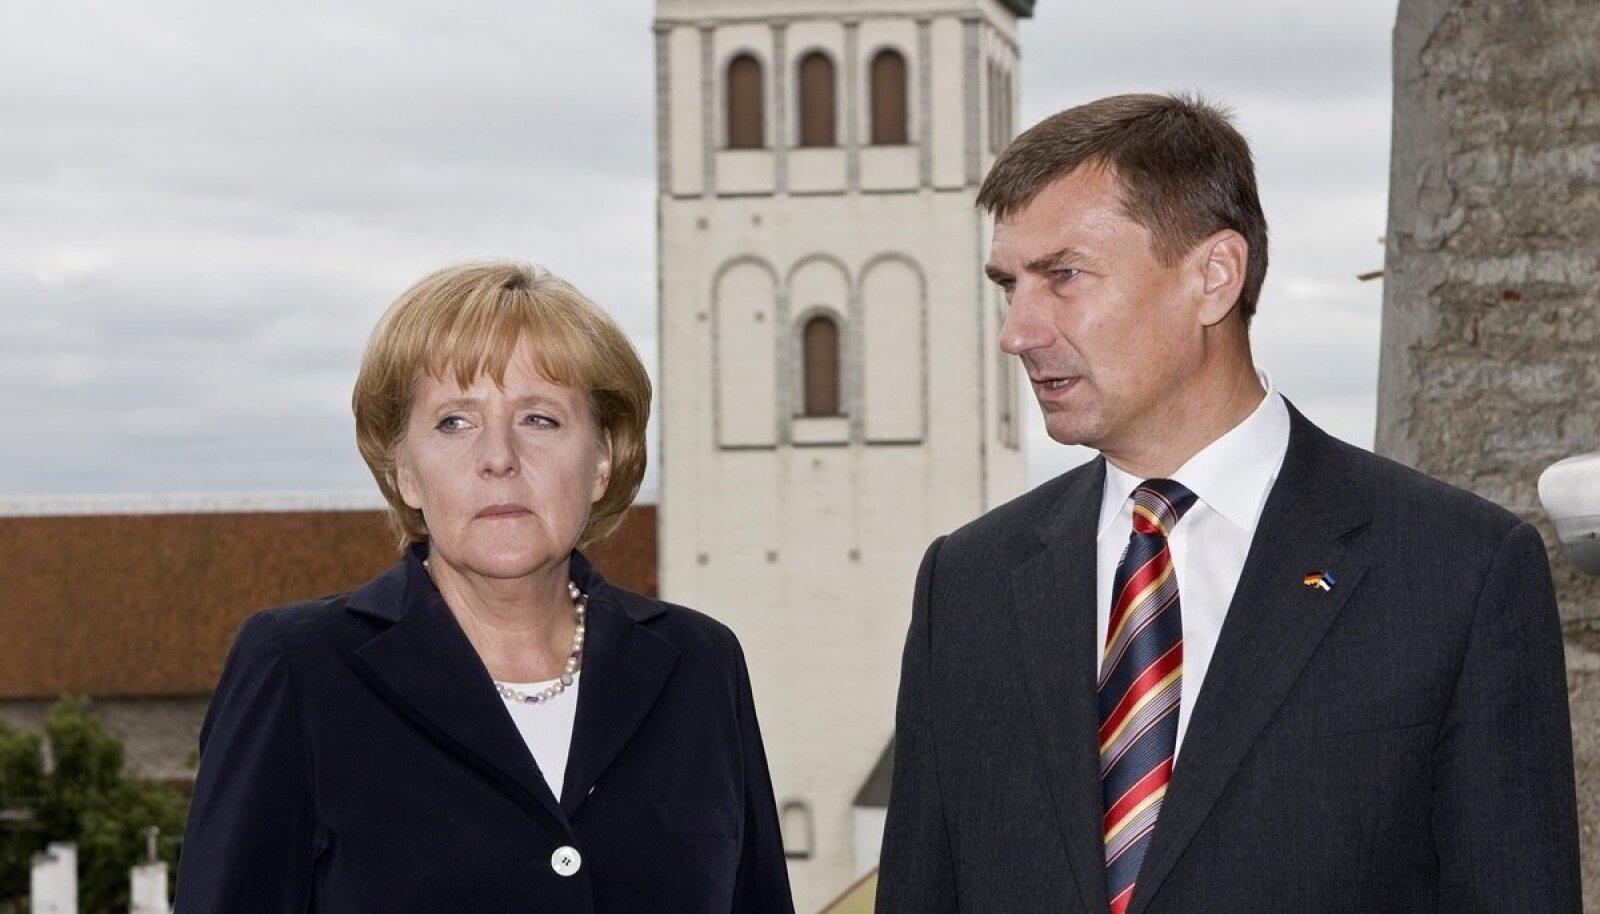 Angela Merkel käis 2008. aastal Eestis. Sel ajal peaminister olnud Andrus Ansipiga räägiti peamiselt toonasest olukorrast Gruusias.